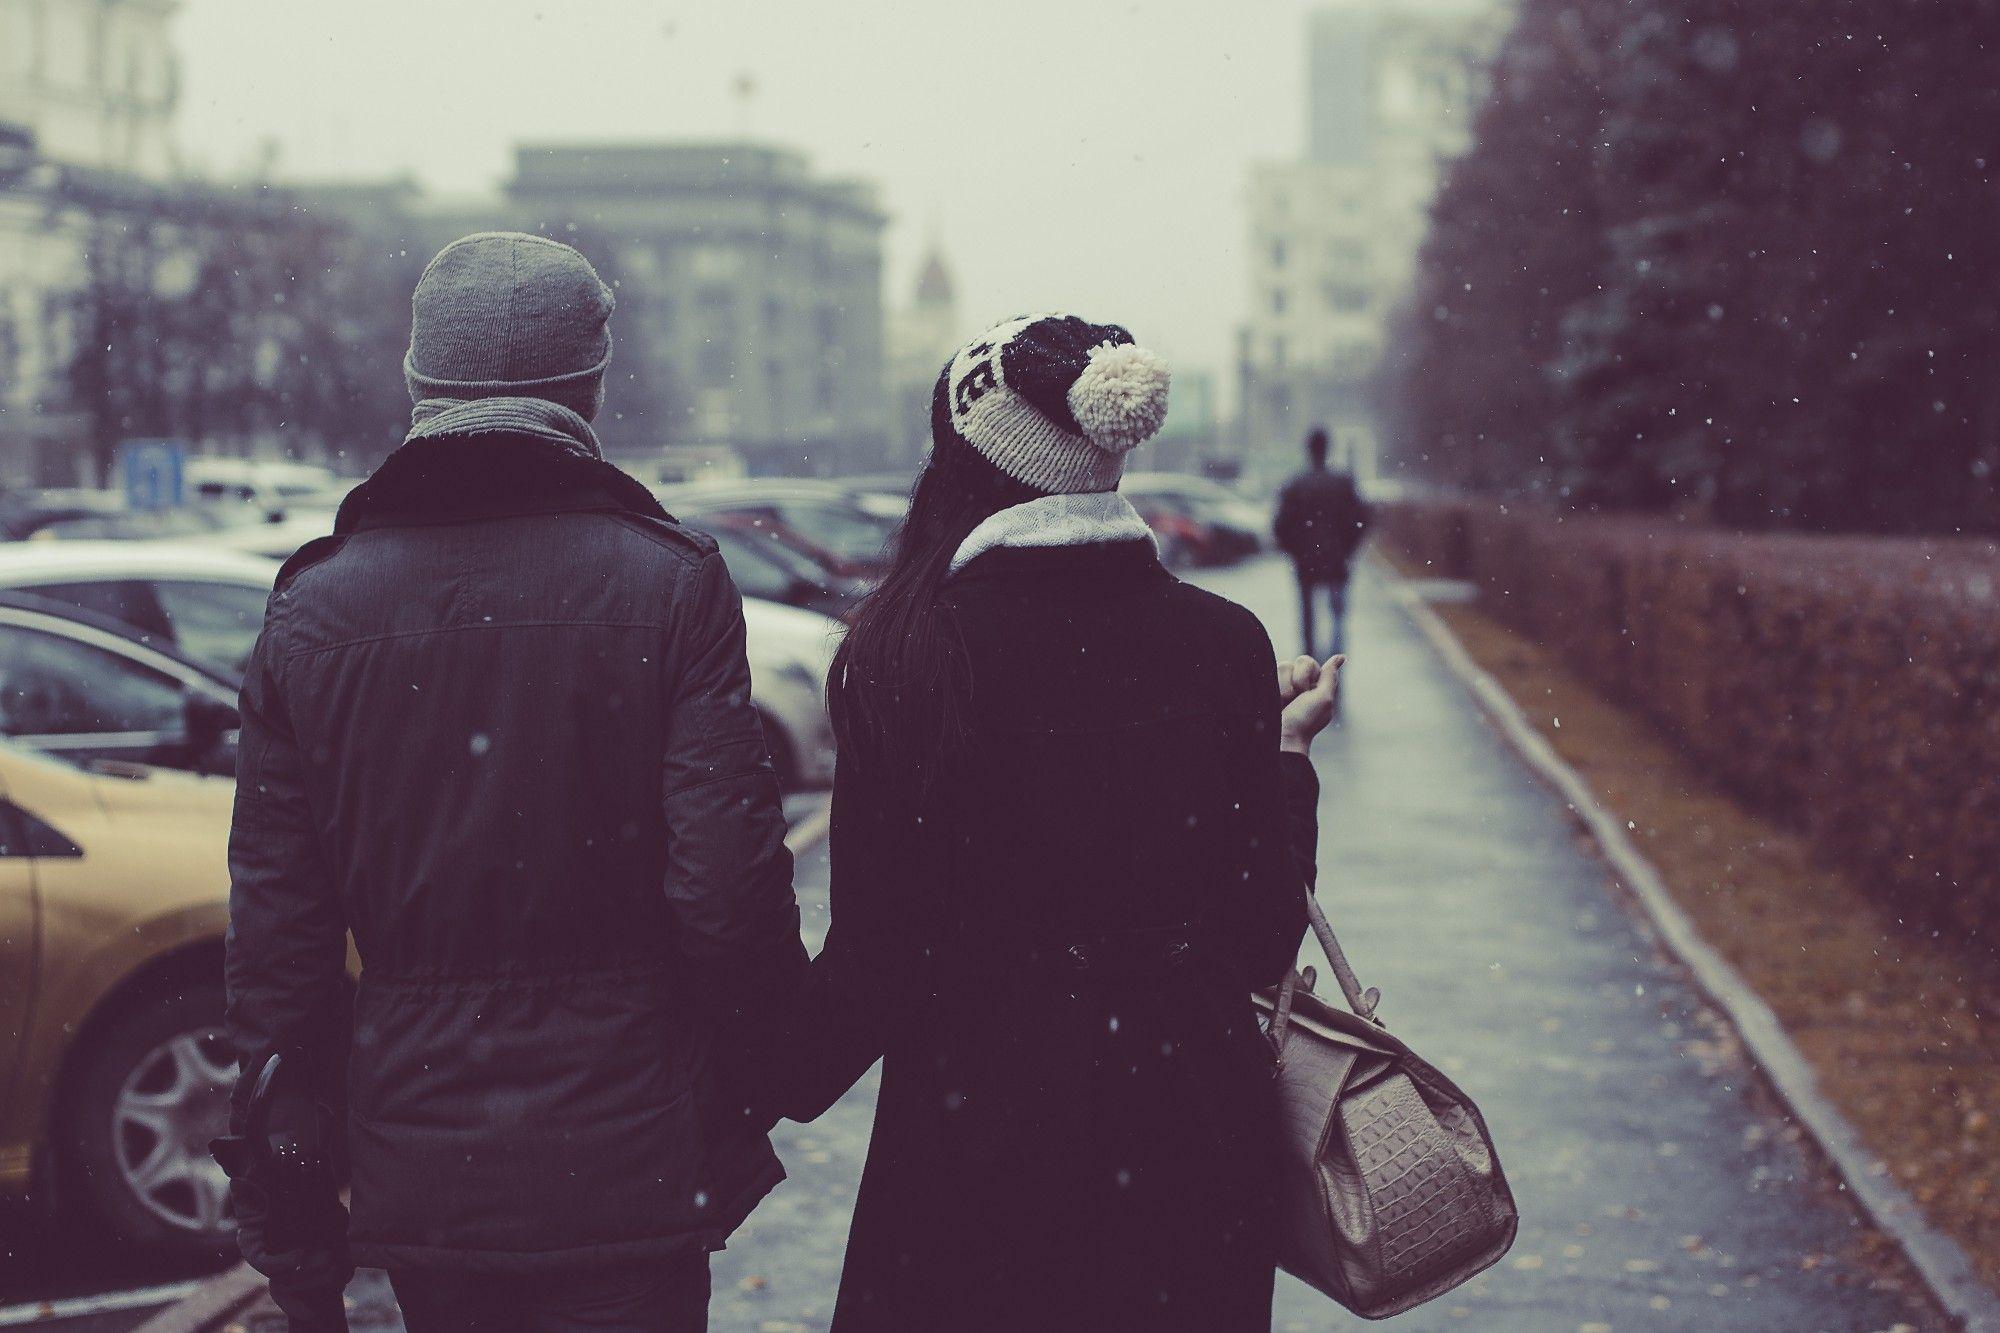 Novogodišnju rasvetu zasenili su znaci ljubavi